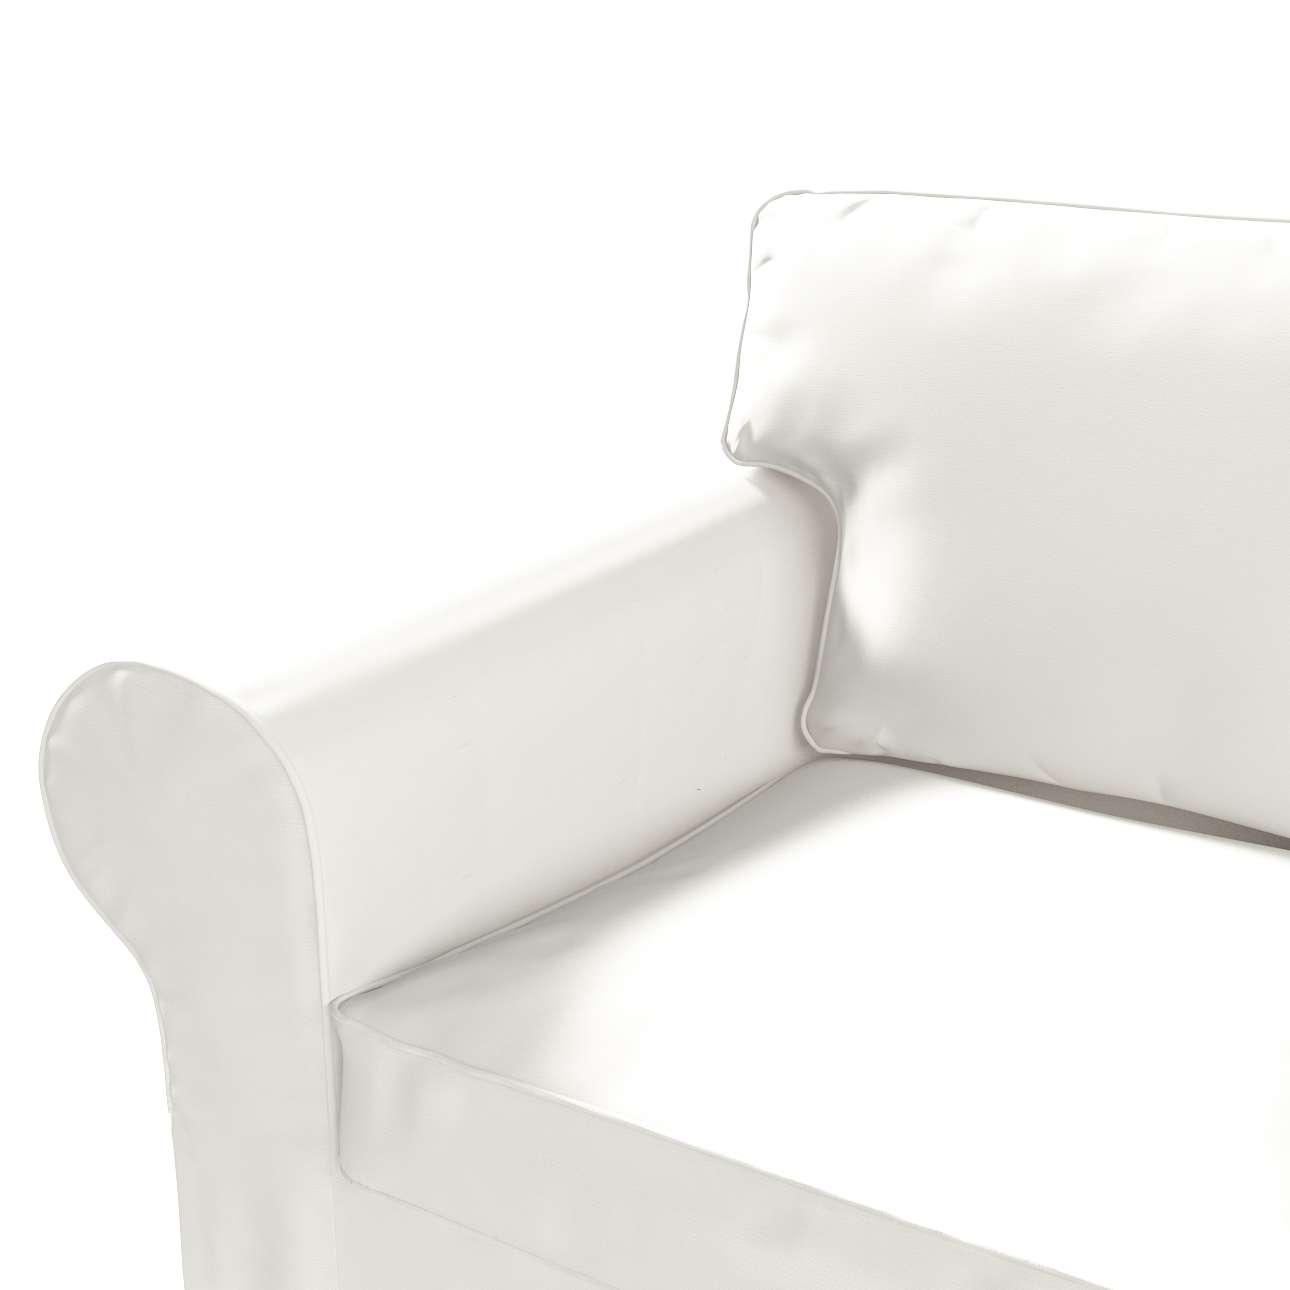 Bezug für Ektorp 2-Sitzer Sofa nicht ausklappbar von der Kollektion Cotton Panama, Stoff: 702-34